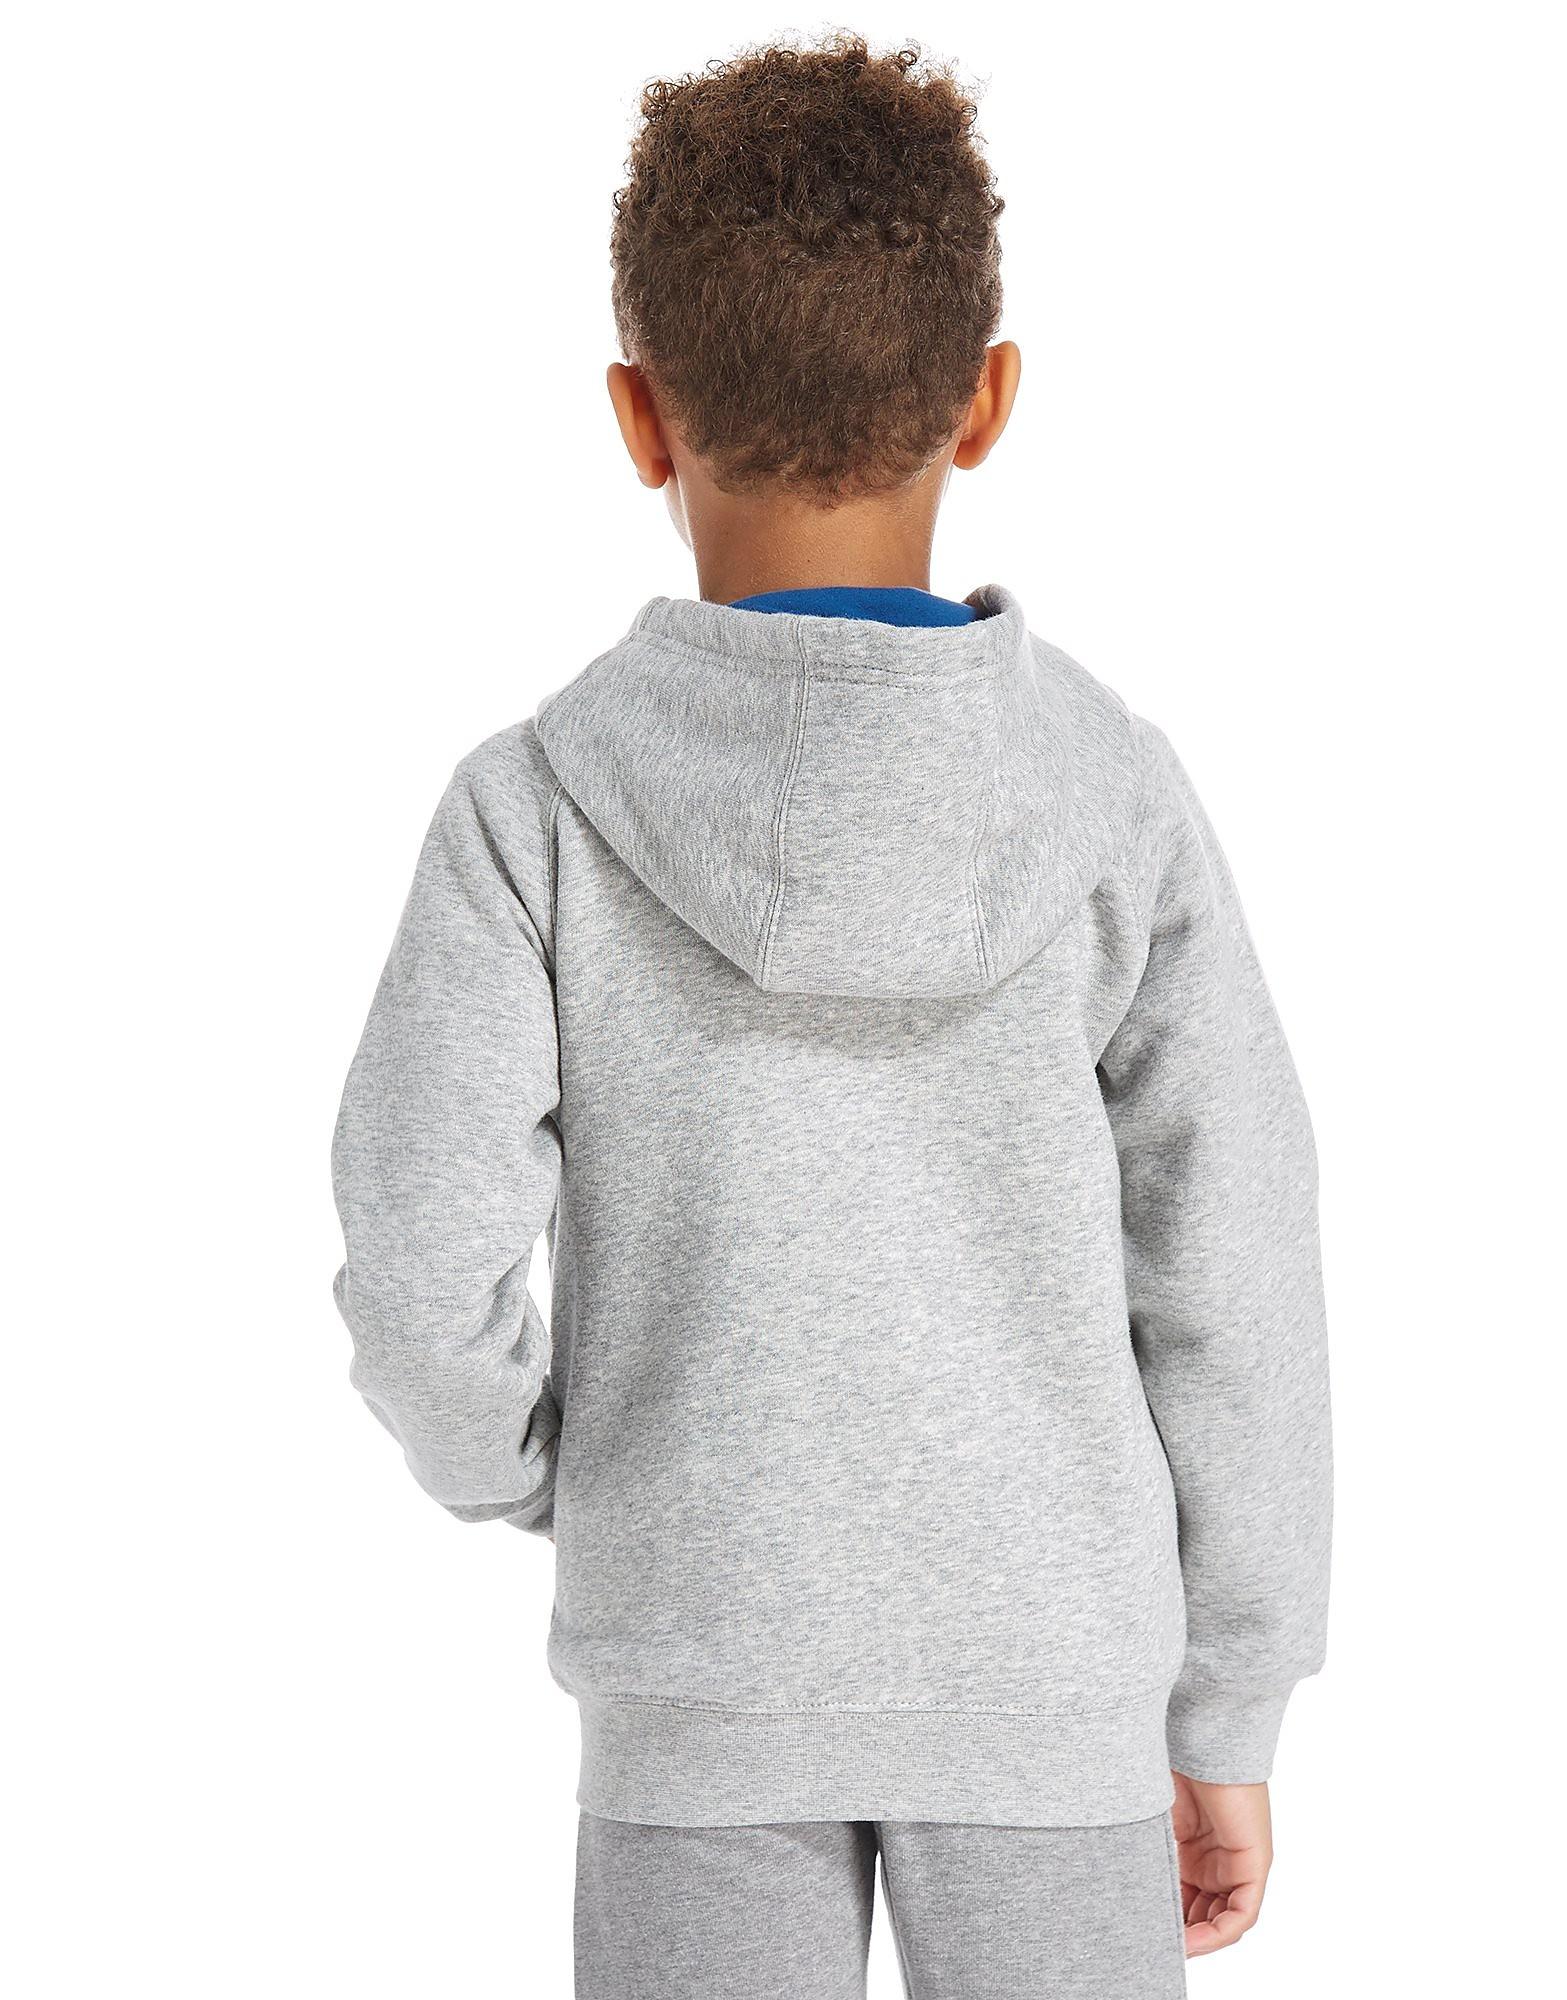 Jordan Air 3 Full Zip Hoodie Children